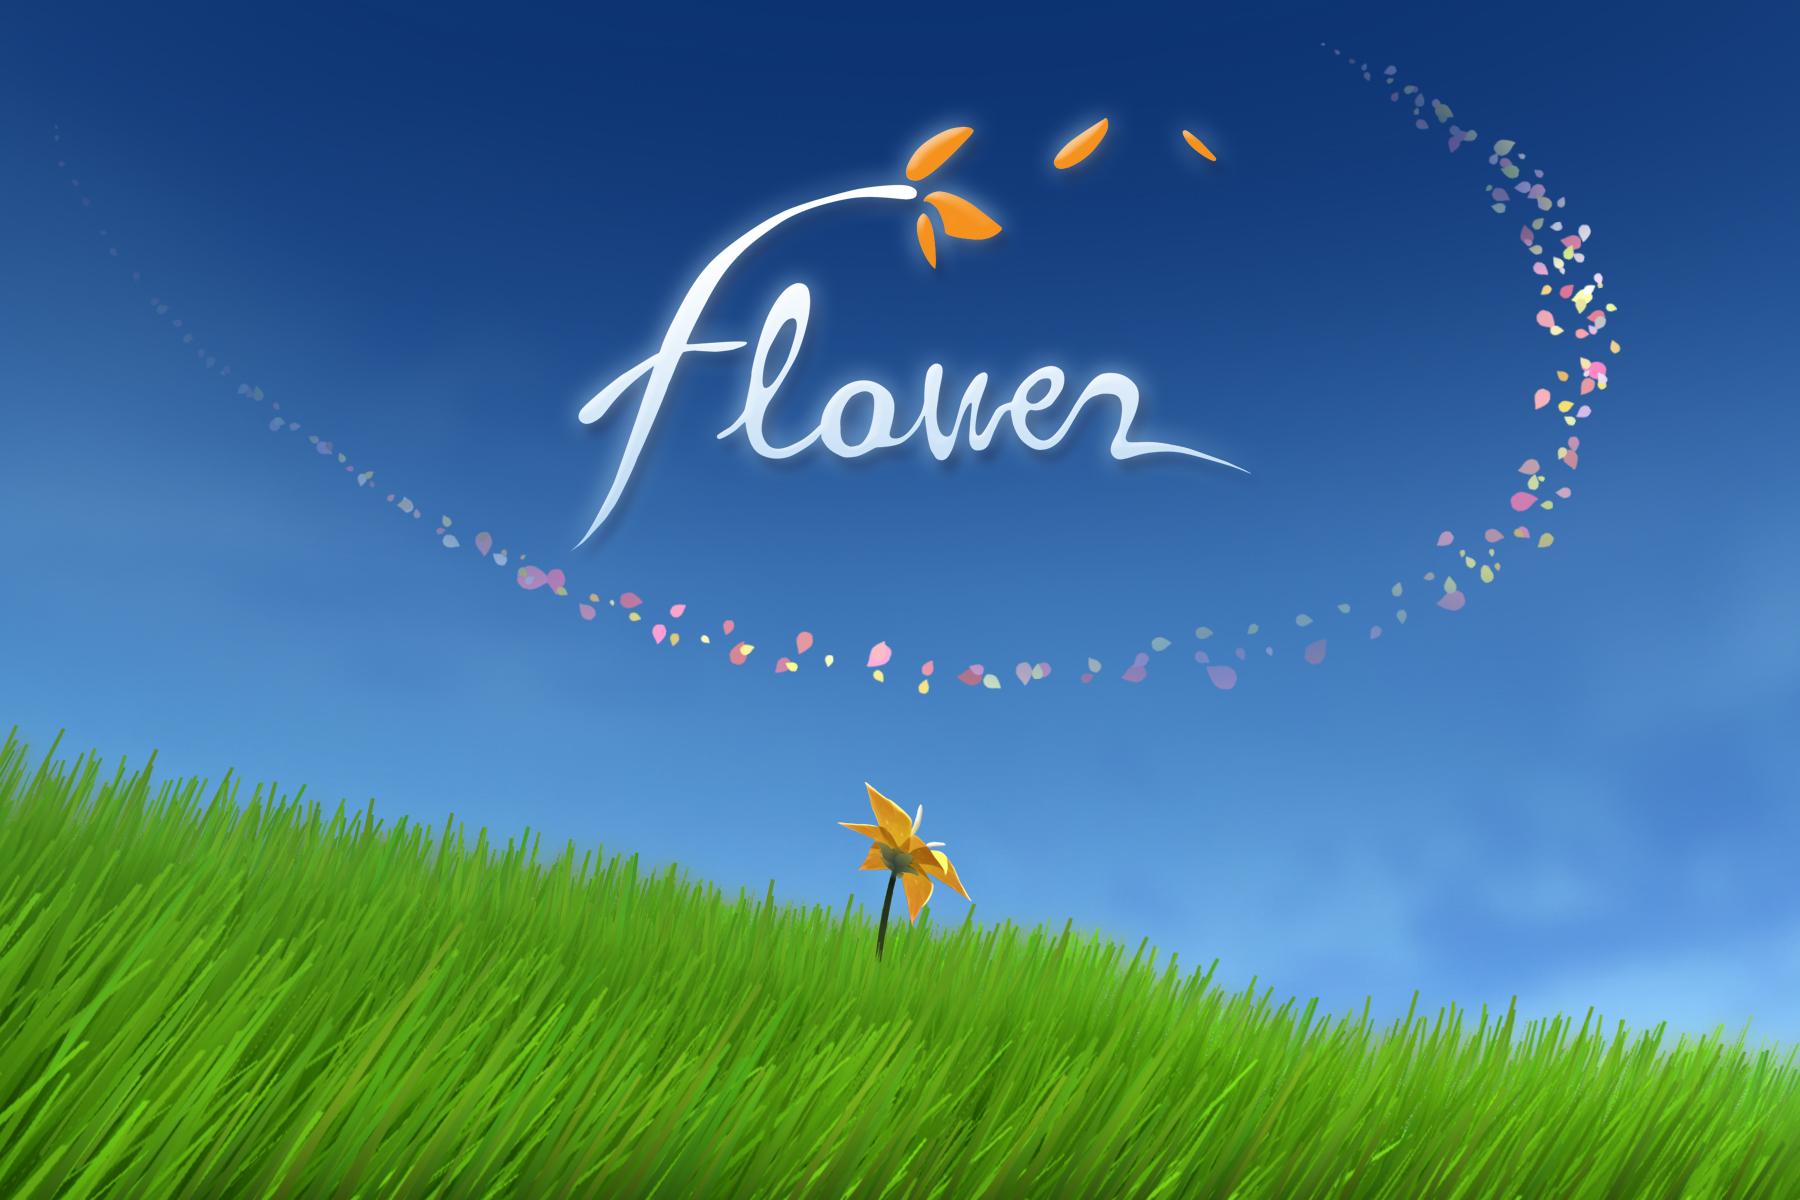 """""""Flower"""" Schriftzug mit einer auf der Wiese blühenden Blume"""